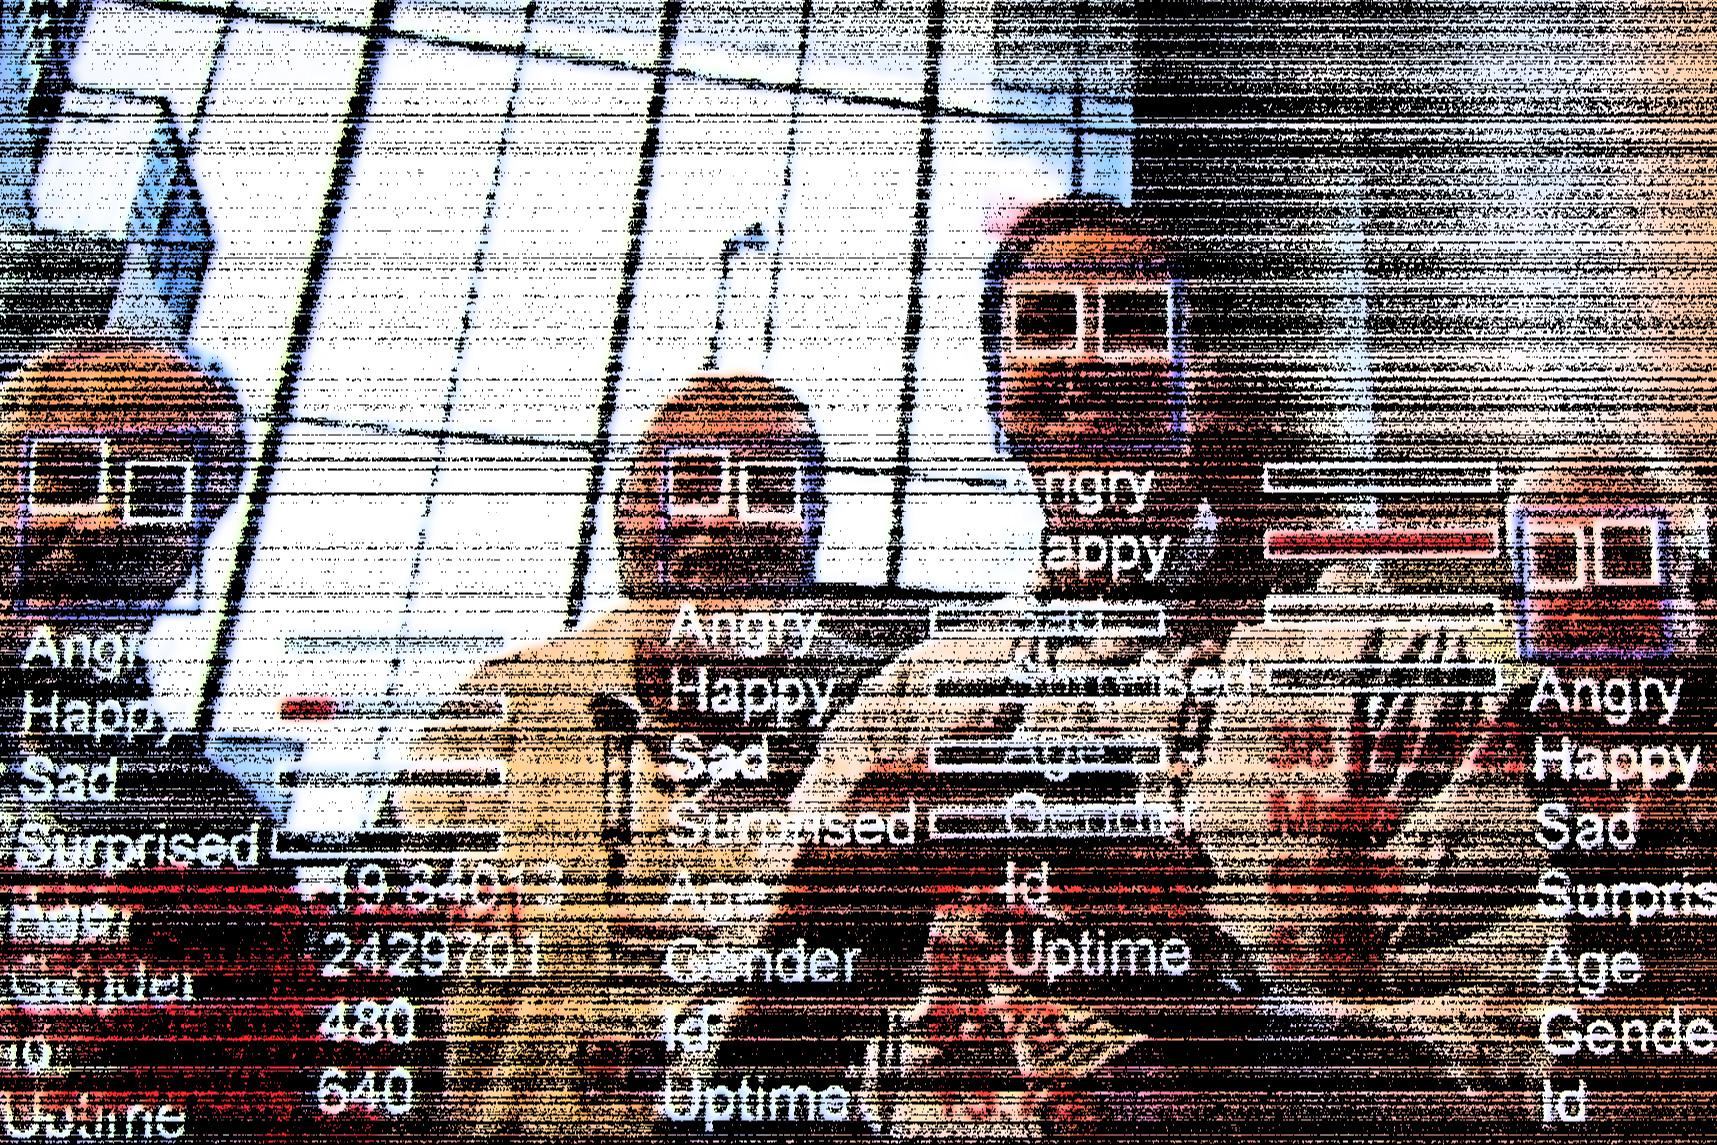 Symolbild Gesichtserkennung. Foto: CC-BY 2.0 jurvetson